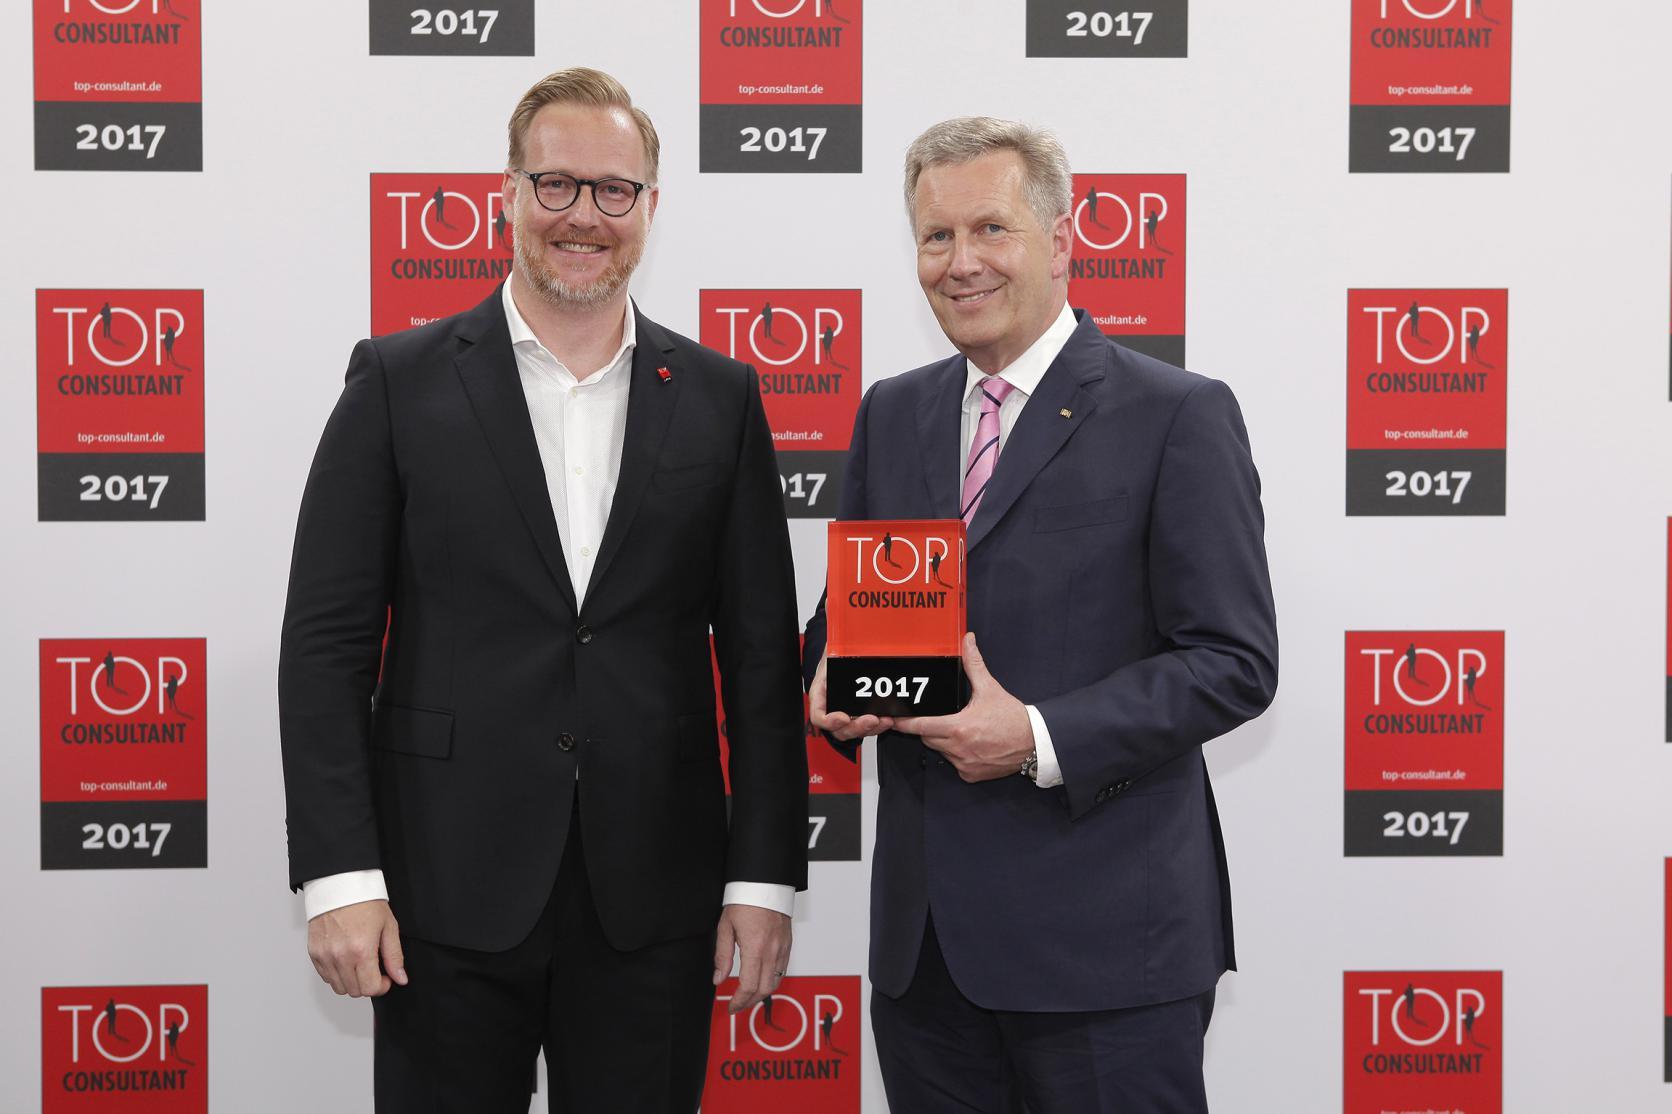 Oliver Hendy, Direktor bei Atreus, nimmt die Auszeichnung TOP Consultant 2017 von Christian Wulff entgegen